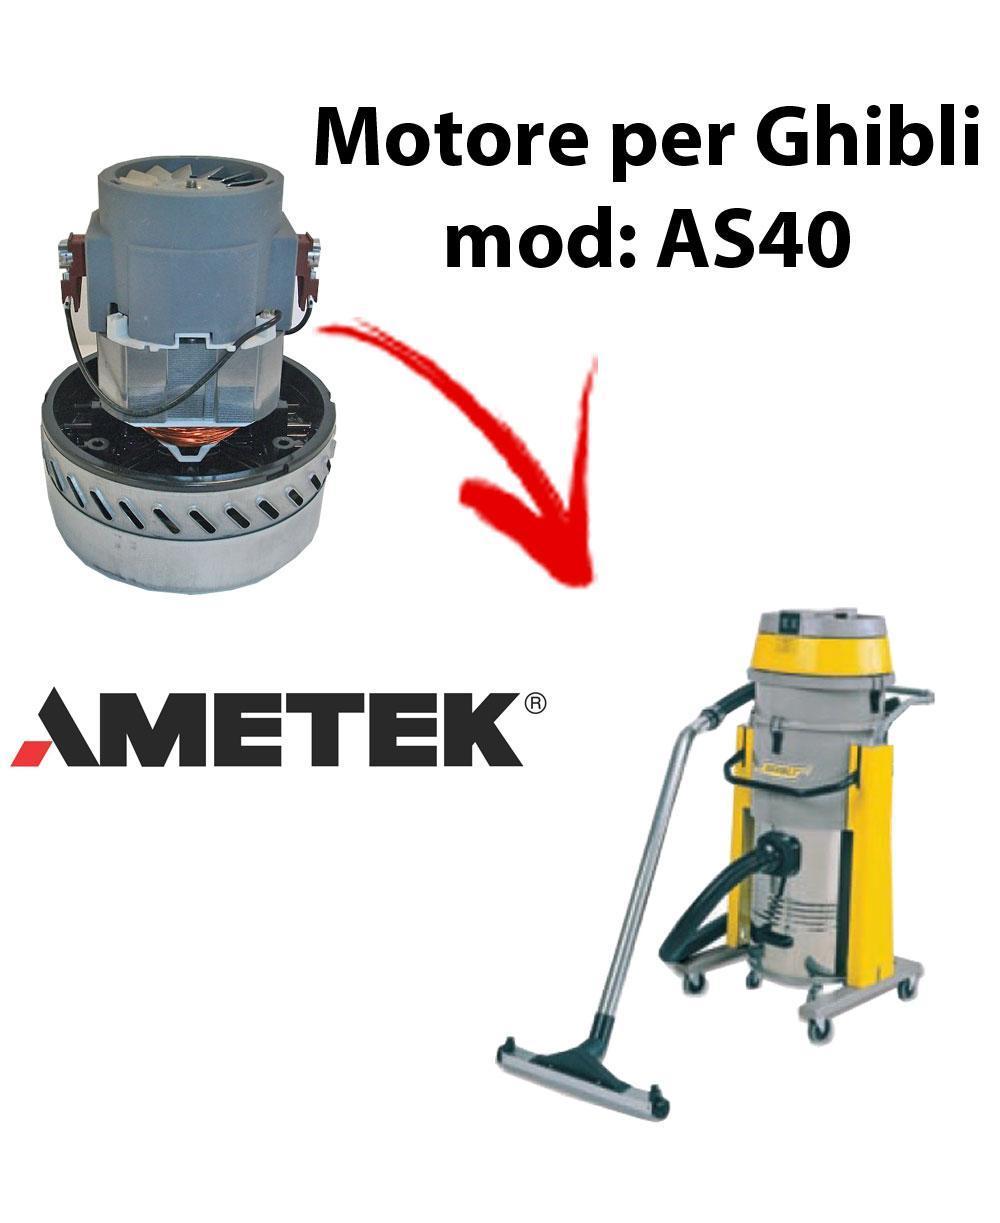 AS40  MOTEUR ASPIRATION AMETEK pour aspirateur et aspirateur à eau GHIBLI